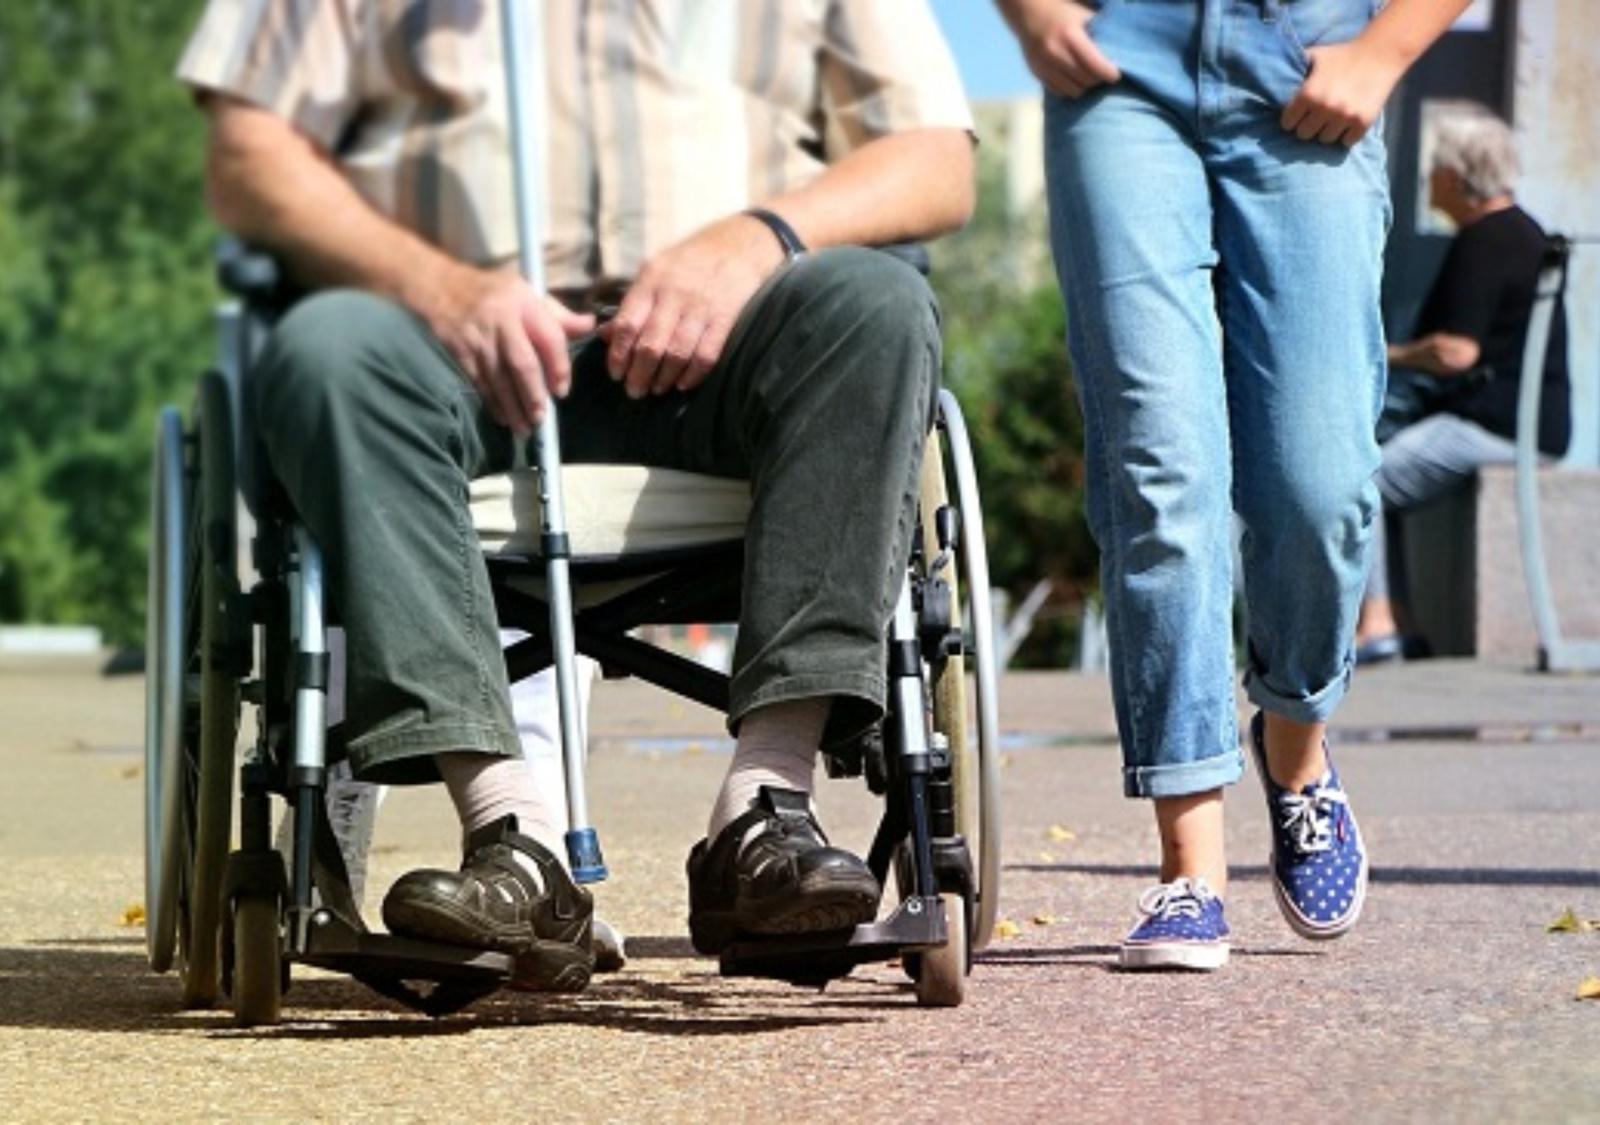 Nauja paslauga Kretingos rajone: asmeniniai asistentai neįgaliesiems